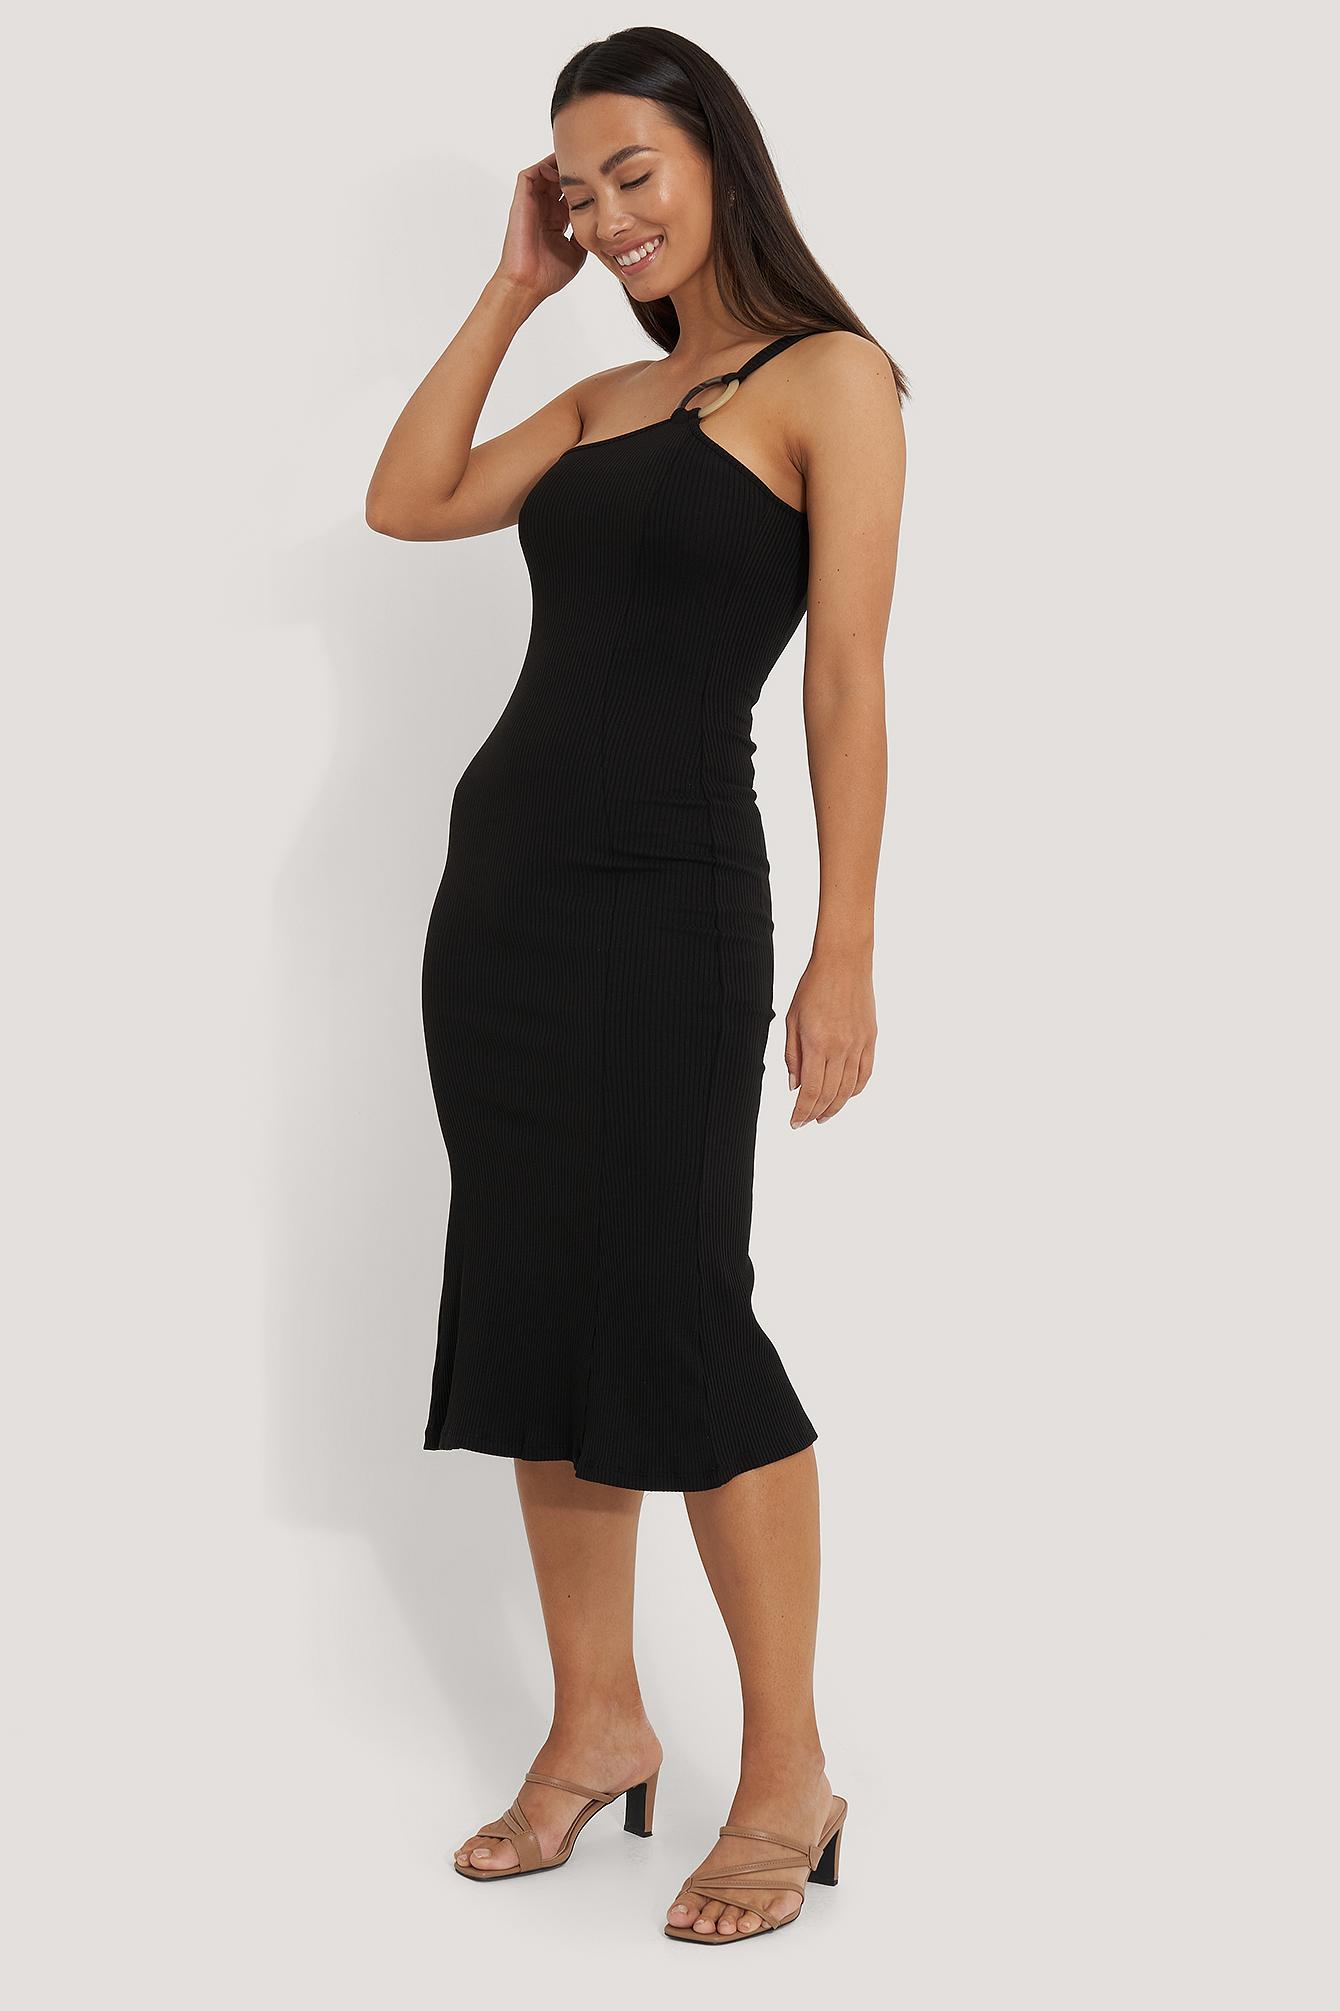 na-kd trend -  Ribbed One Shoulder Dress - Black